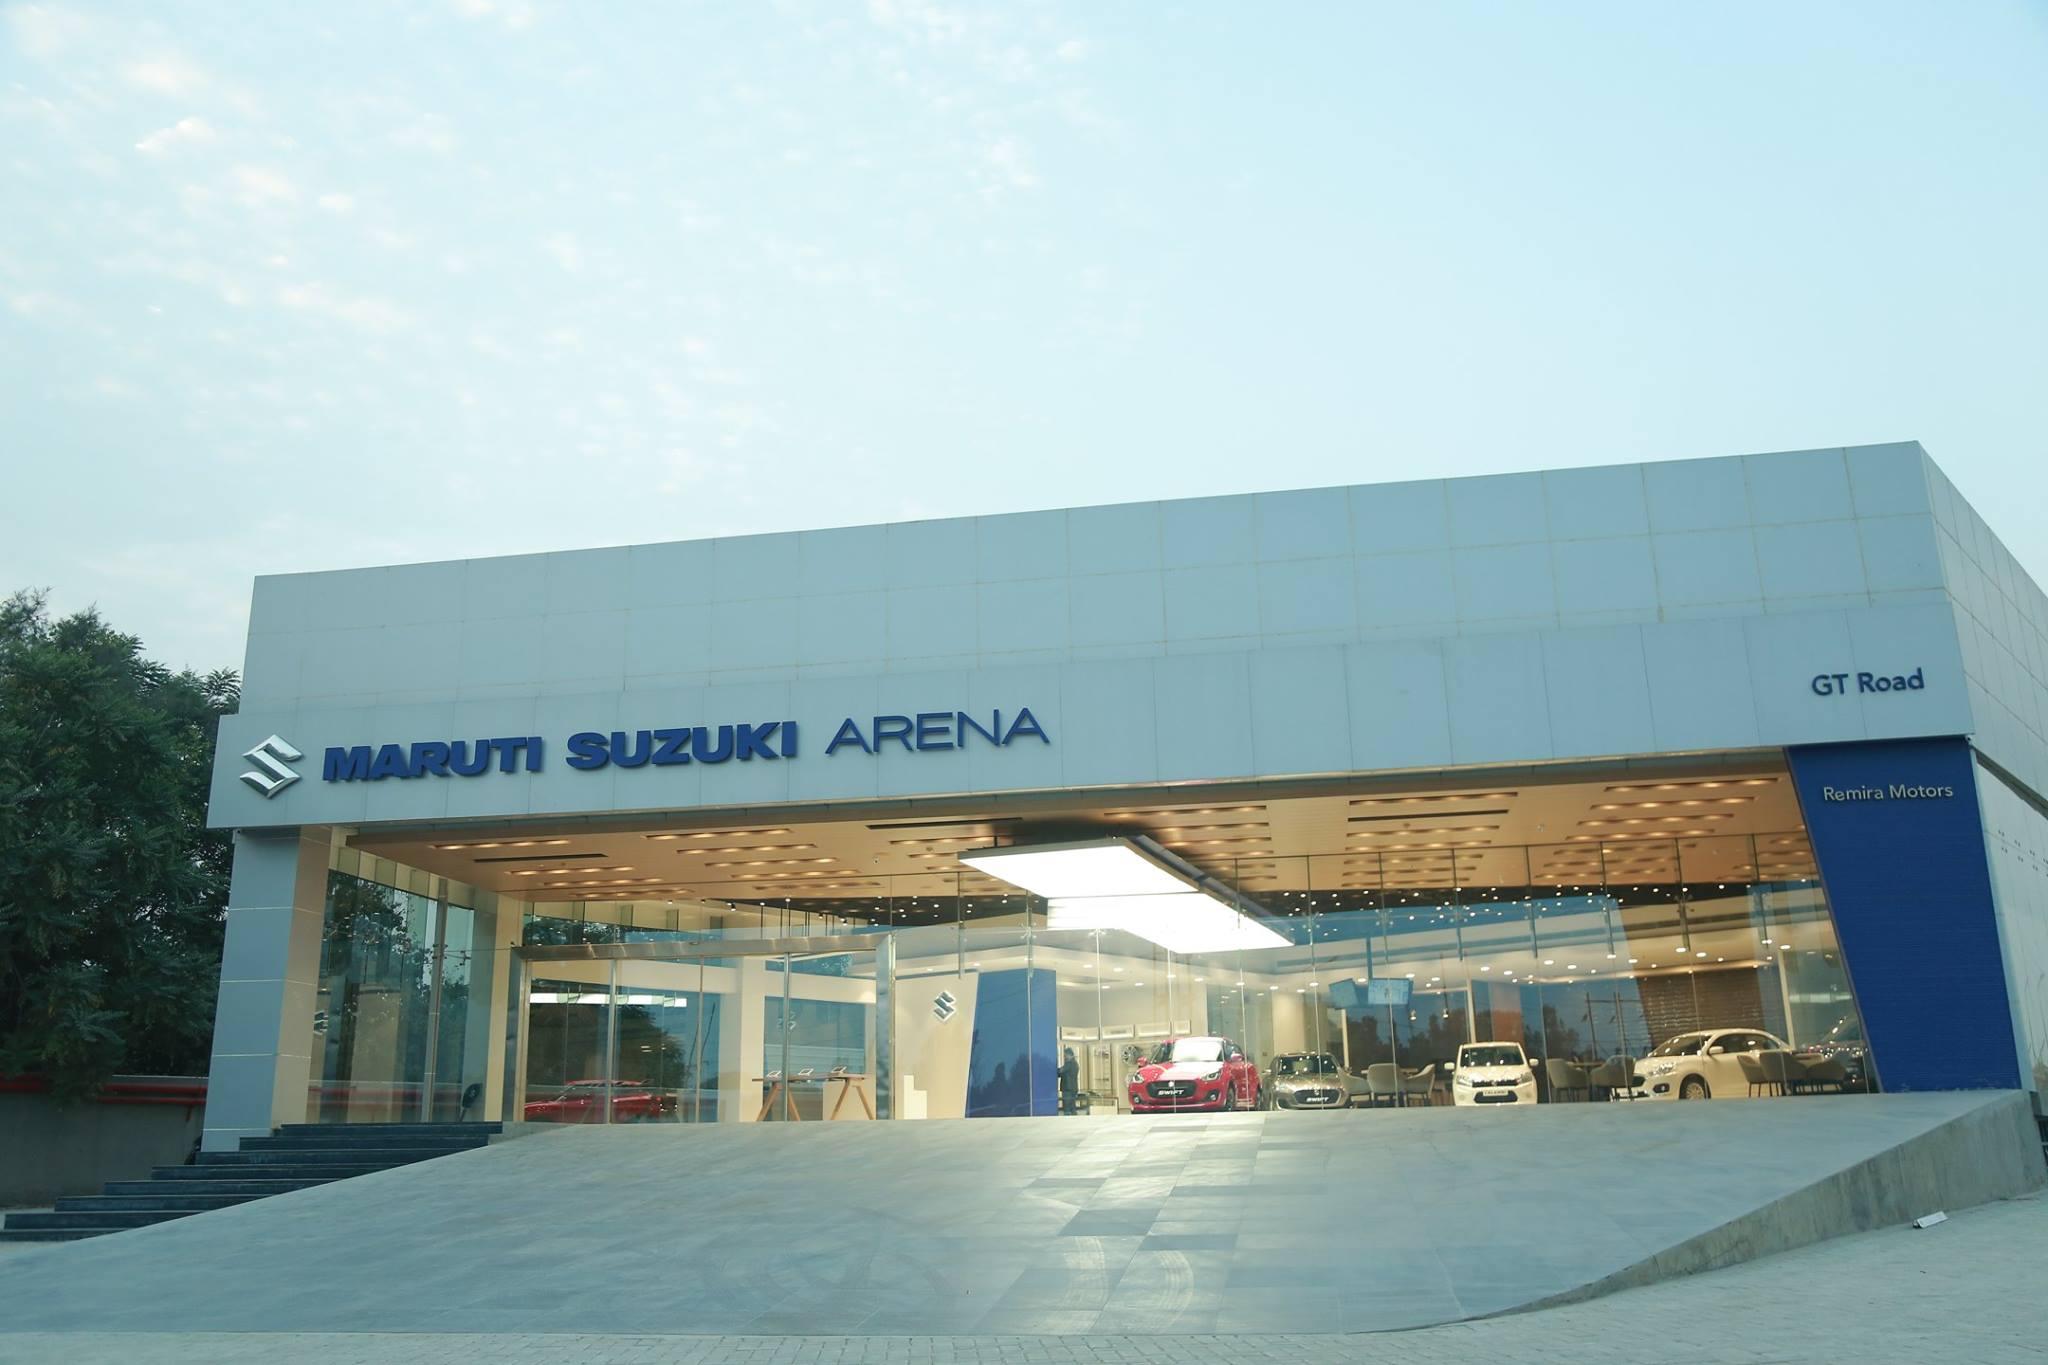 Maruti Suzuki Arena dealership, Remira Motors, GT Road